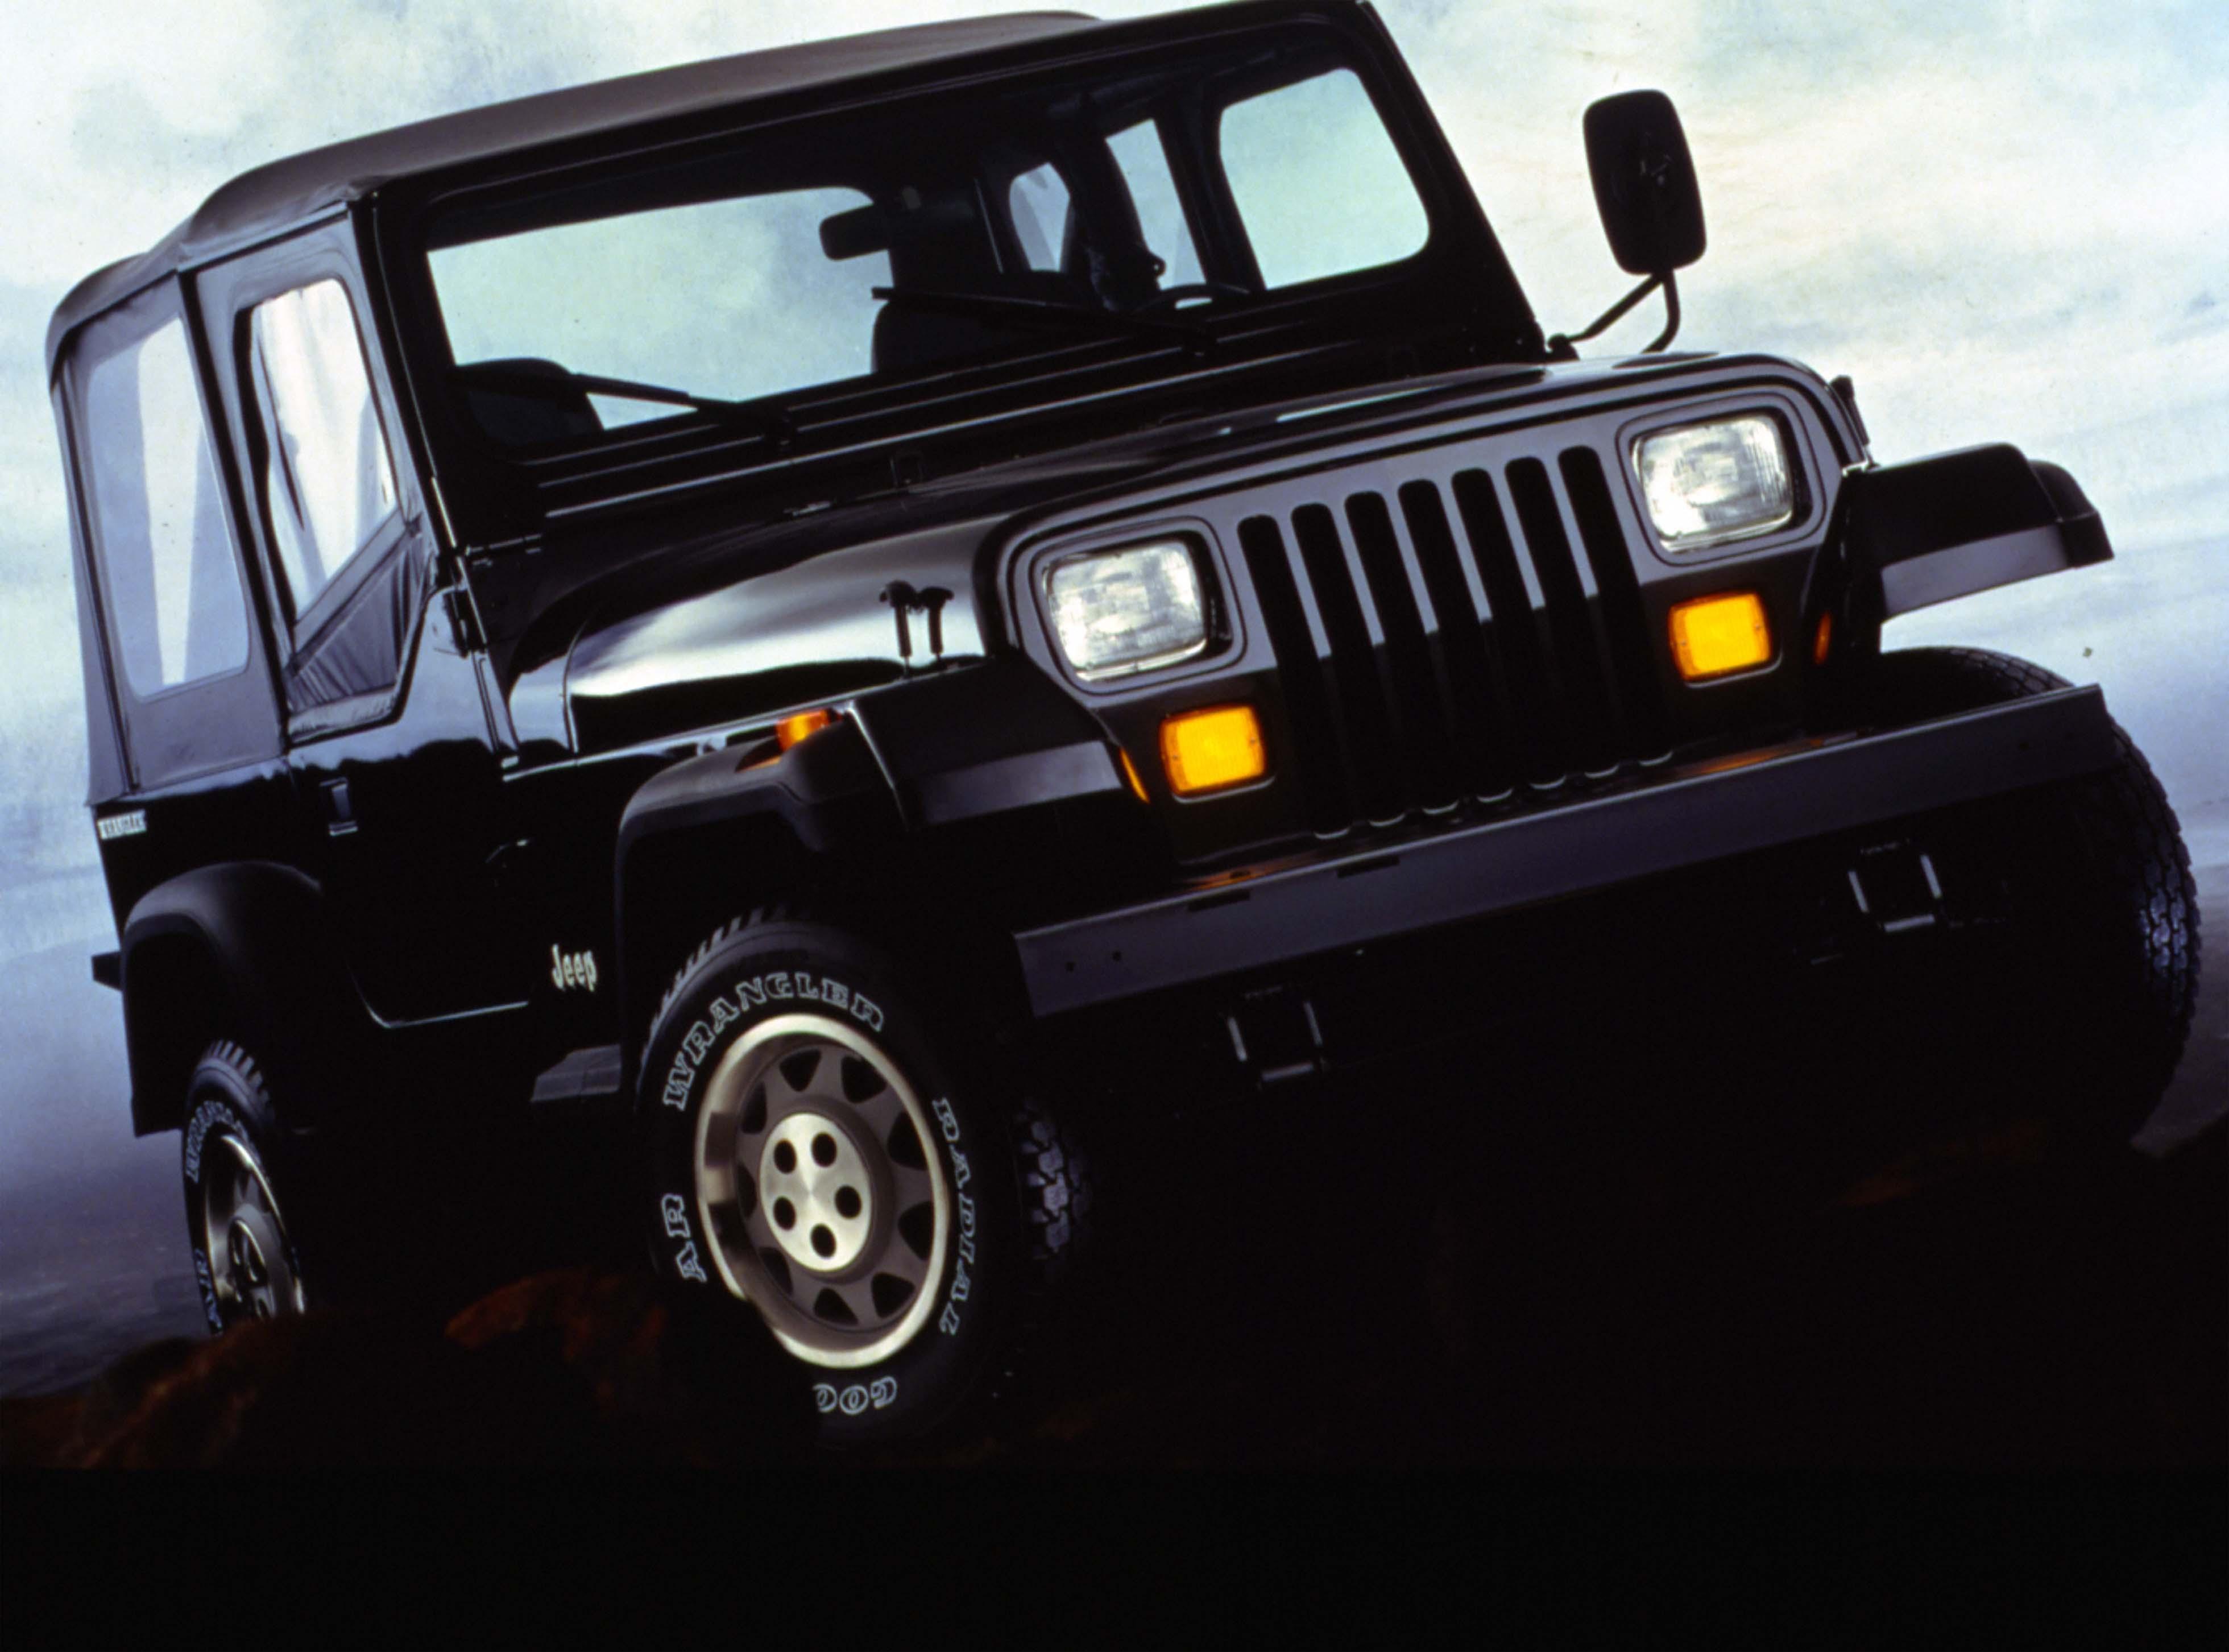 Jeep Wrangler I (YJ) 1986 - 1995 SUV #5